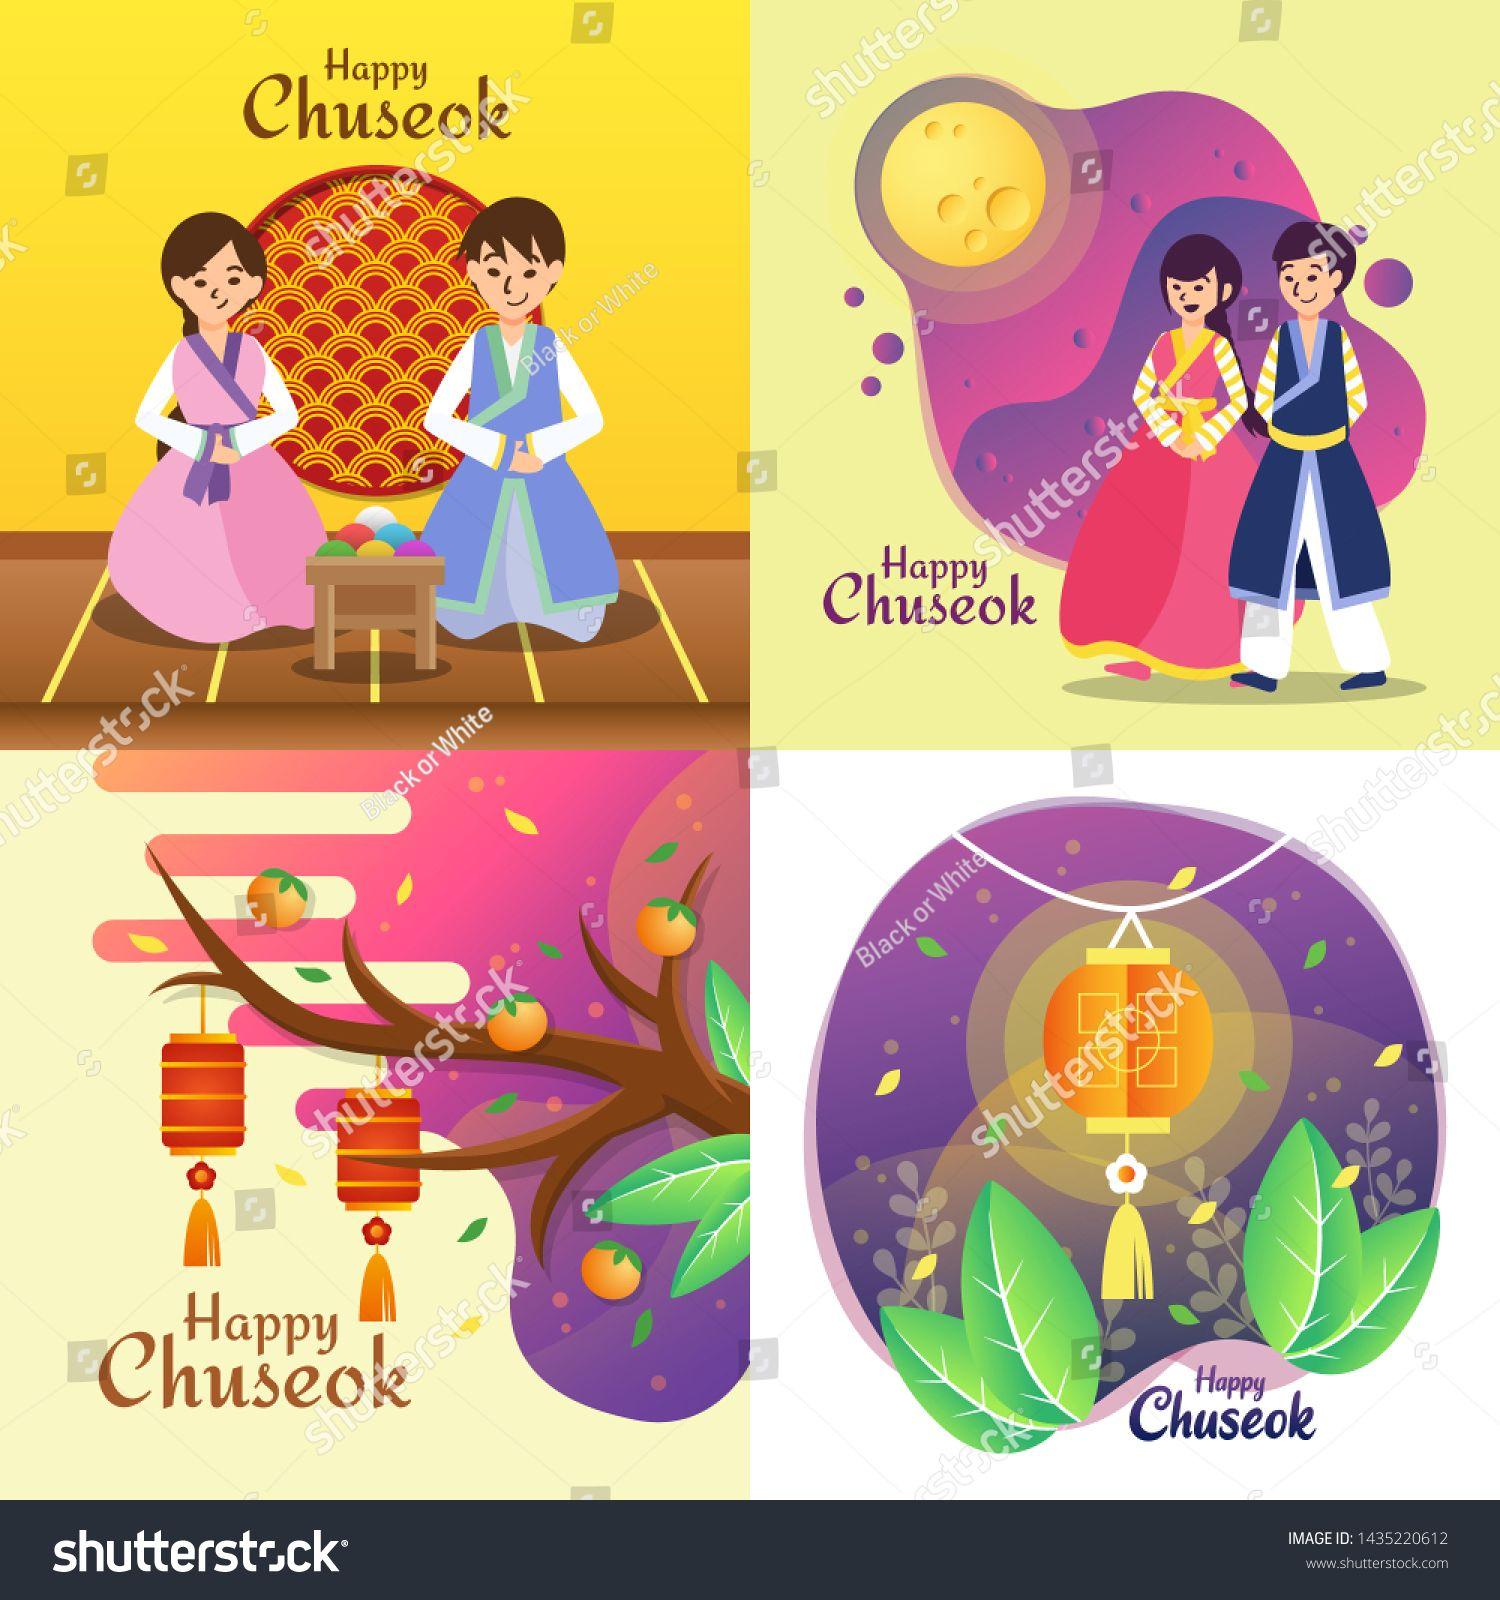 Happy Chuseok Day Korean Holiday Harvest Festival Vector Illustration Ad Sponsored Day Korean Happy In 2020 Korean Holidays Vector Illustration Harvest Festival